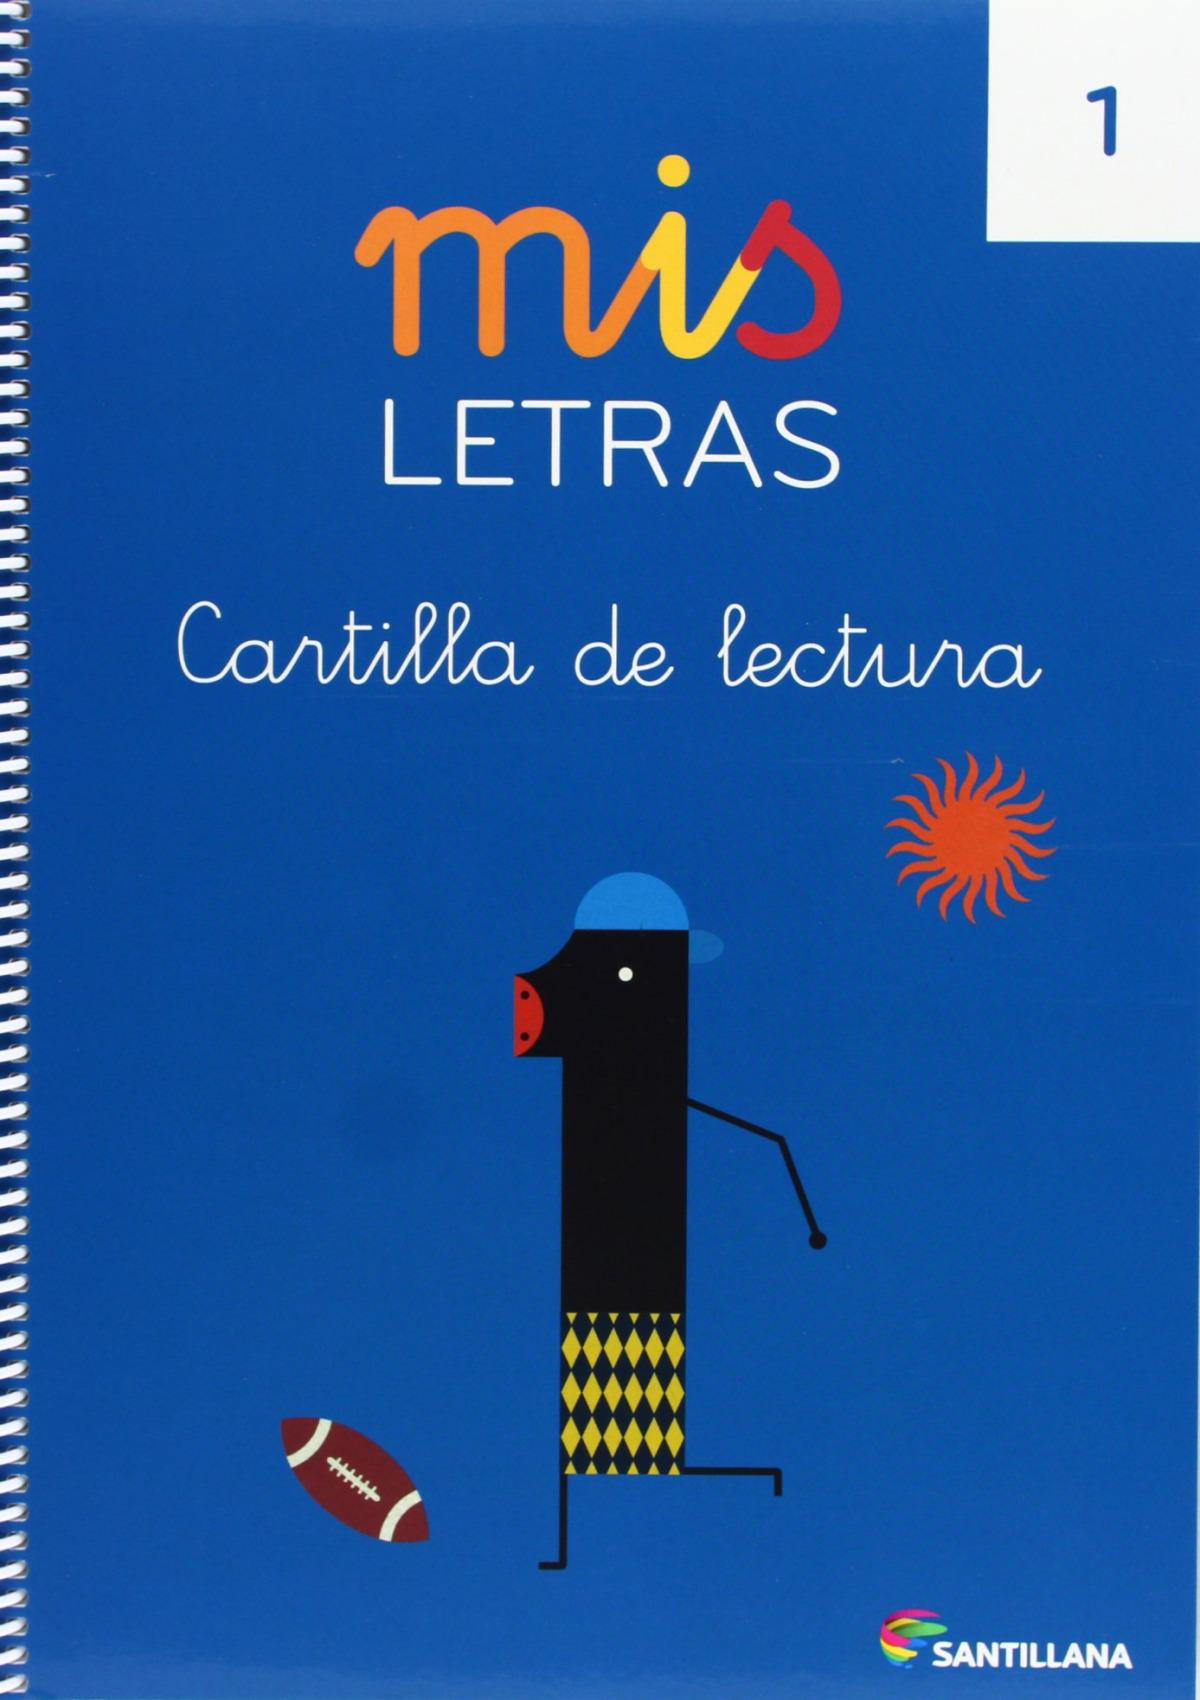 MIS LETRAS CARTILLA LECTURA 1 4 AñOS 2013 9788468015217